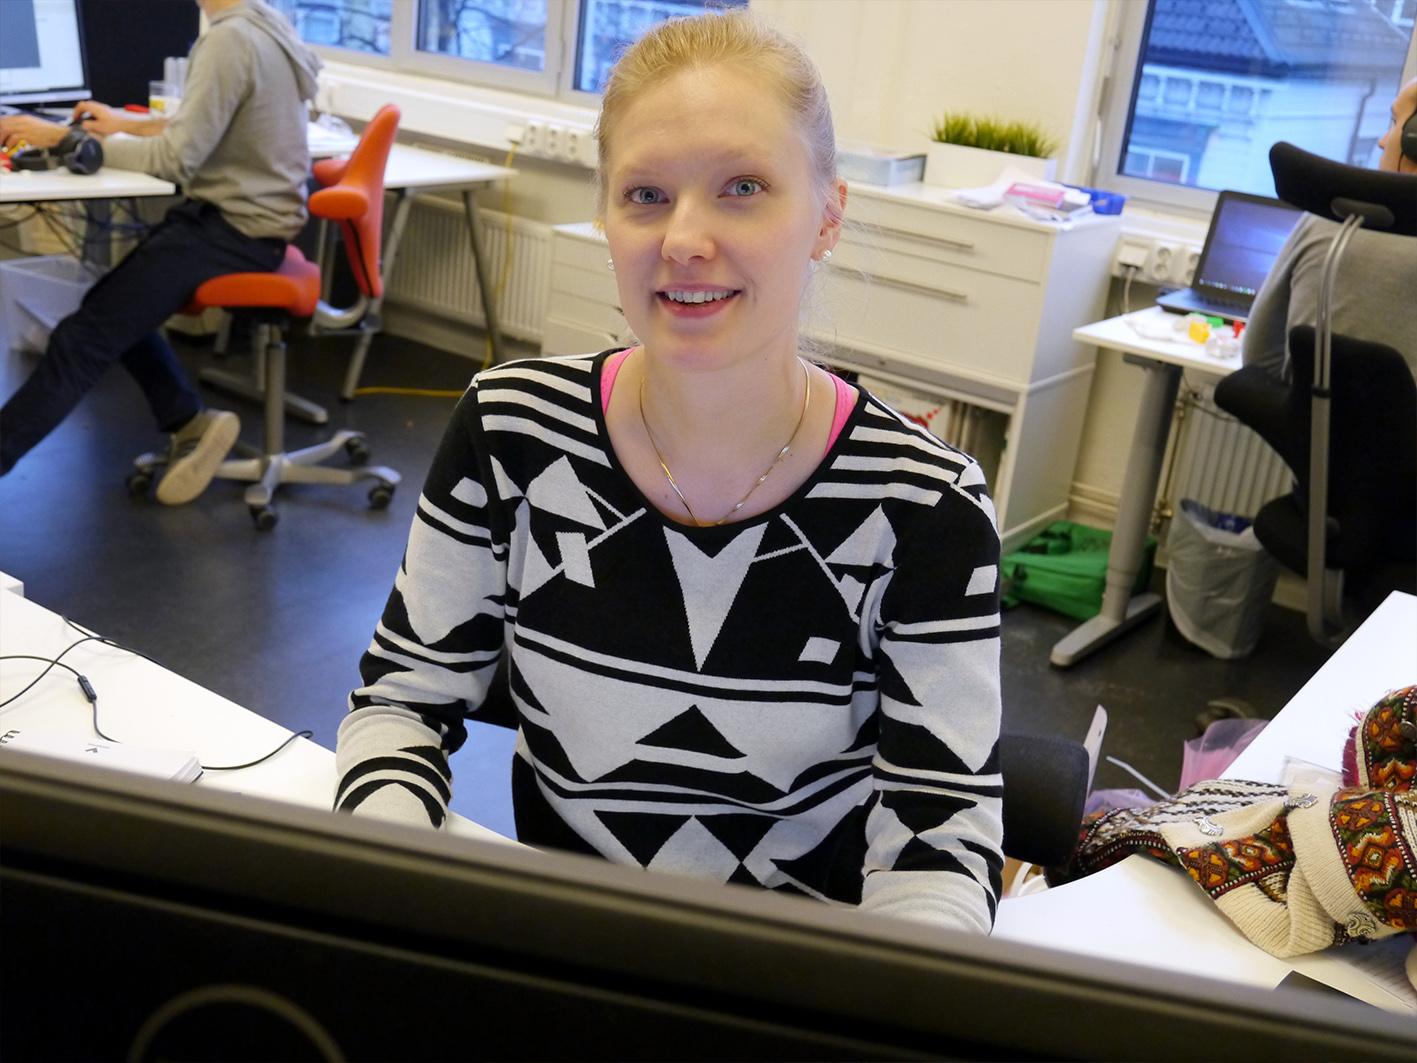 Øker kompetansen. Hanna Poranen er ett av de ferskeste tilskuddene til Inventas.